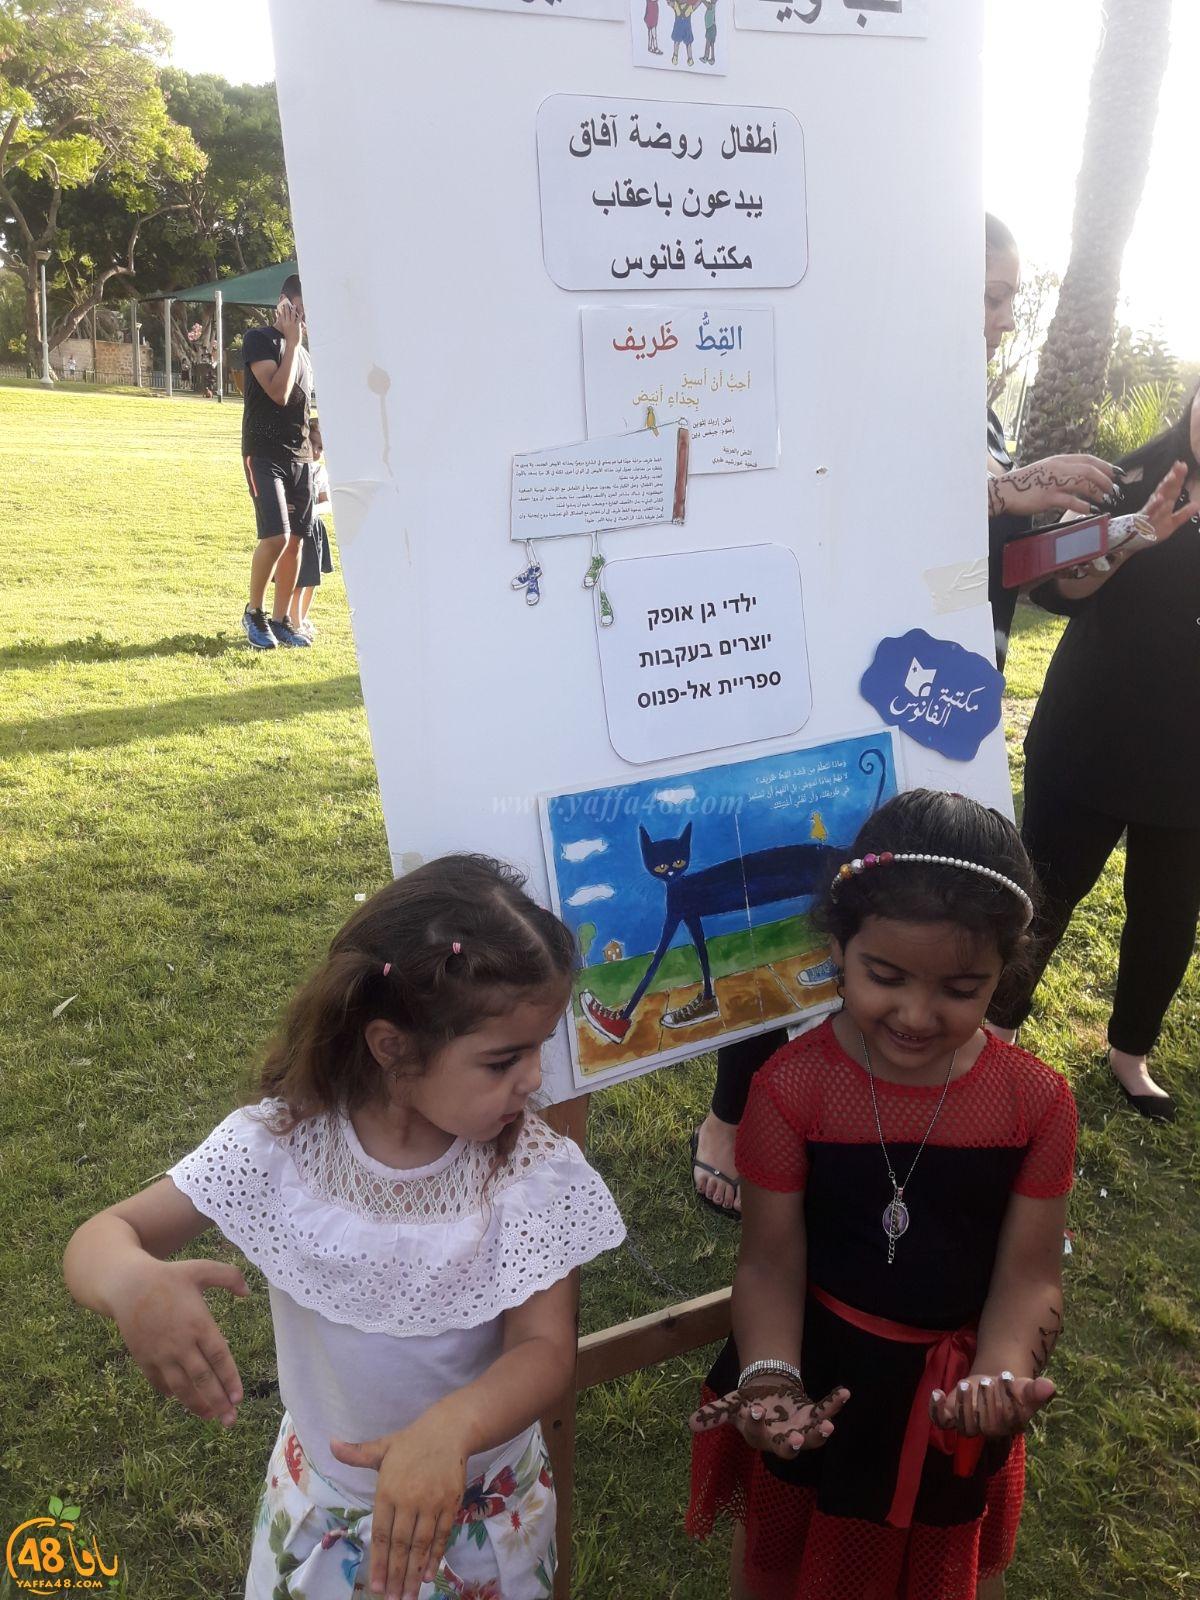 فعاليات ابداع لرياض الاطفال معا قلباً ويد في المركز الجماهيري بيافا